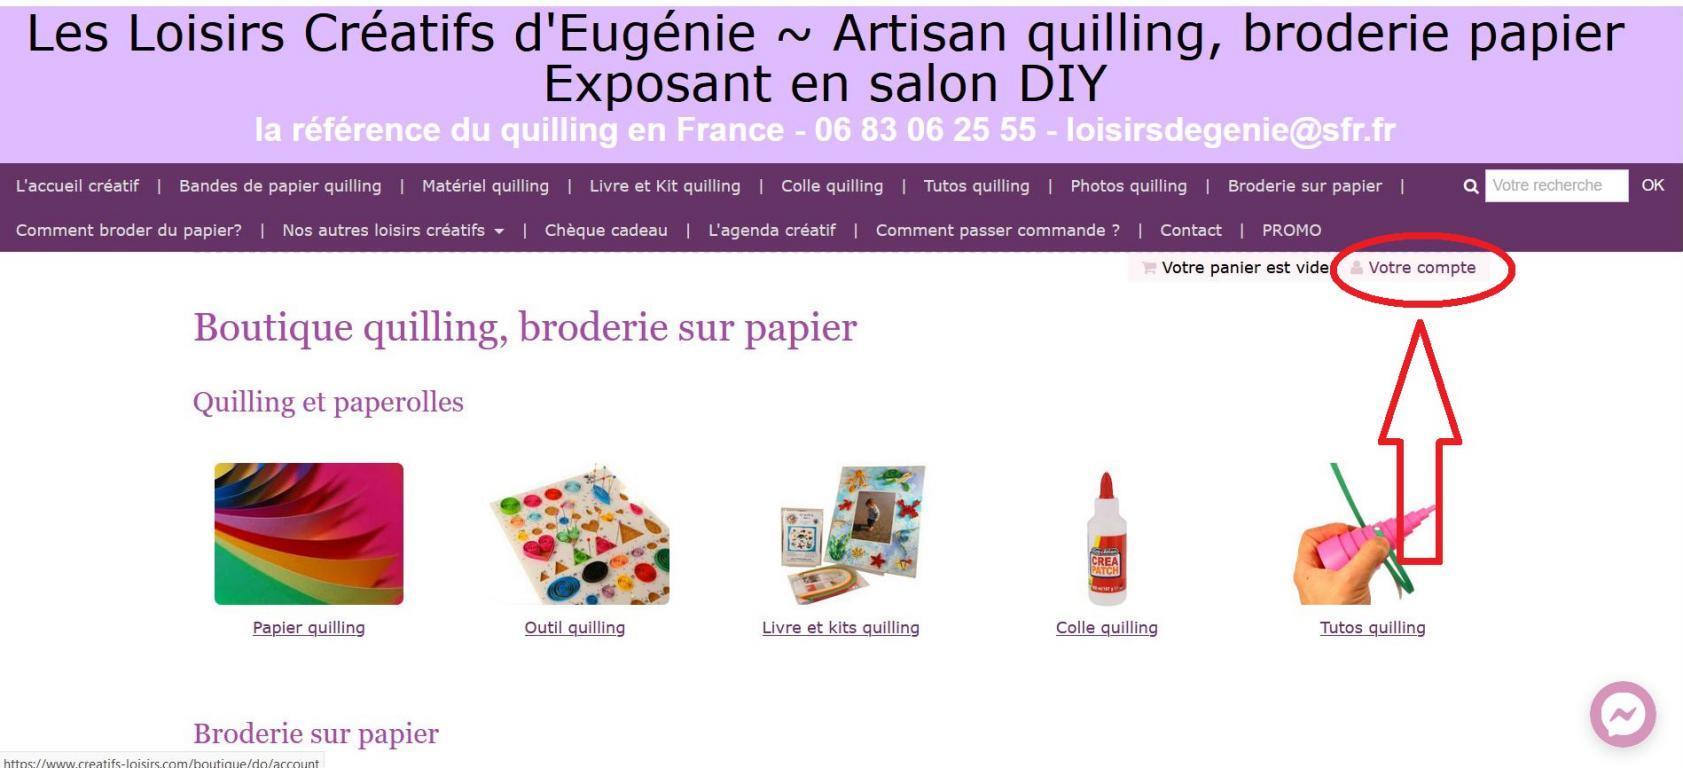 Votre compte boutique en ligne loisirs creatifs eugenie quilling voir commande 1